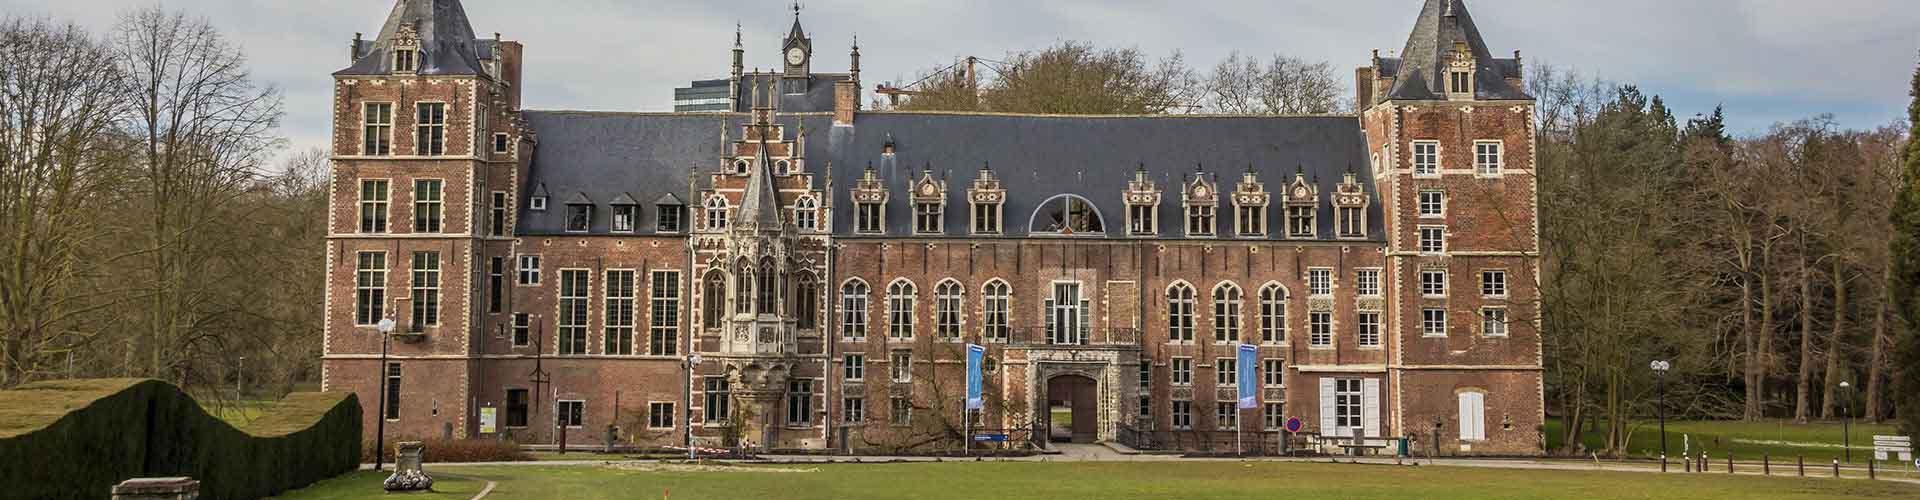 Leuven - Zimmer in Leuven. Leuven auf der Karte. Fotos und Bewertungen für jedes Zimmer in Leuven.